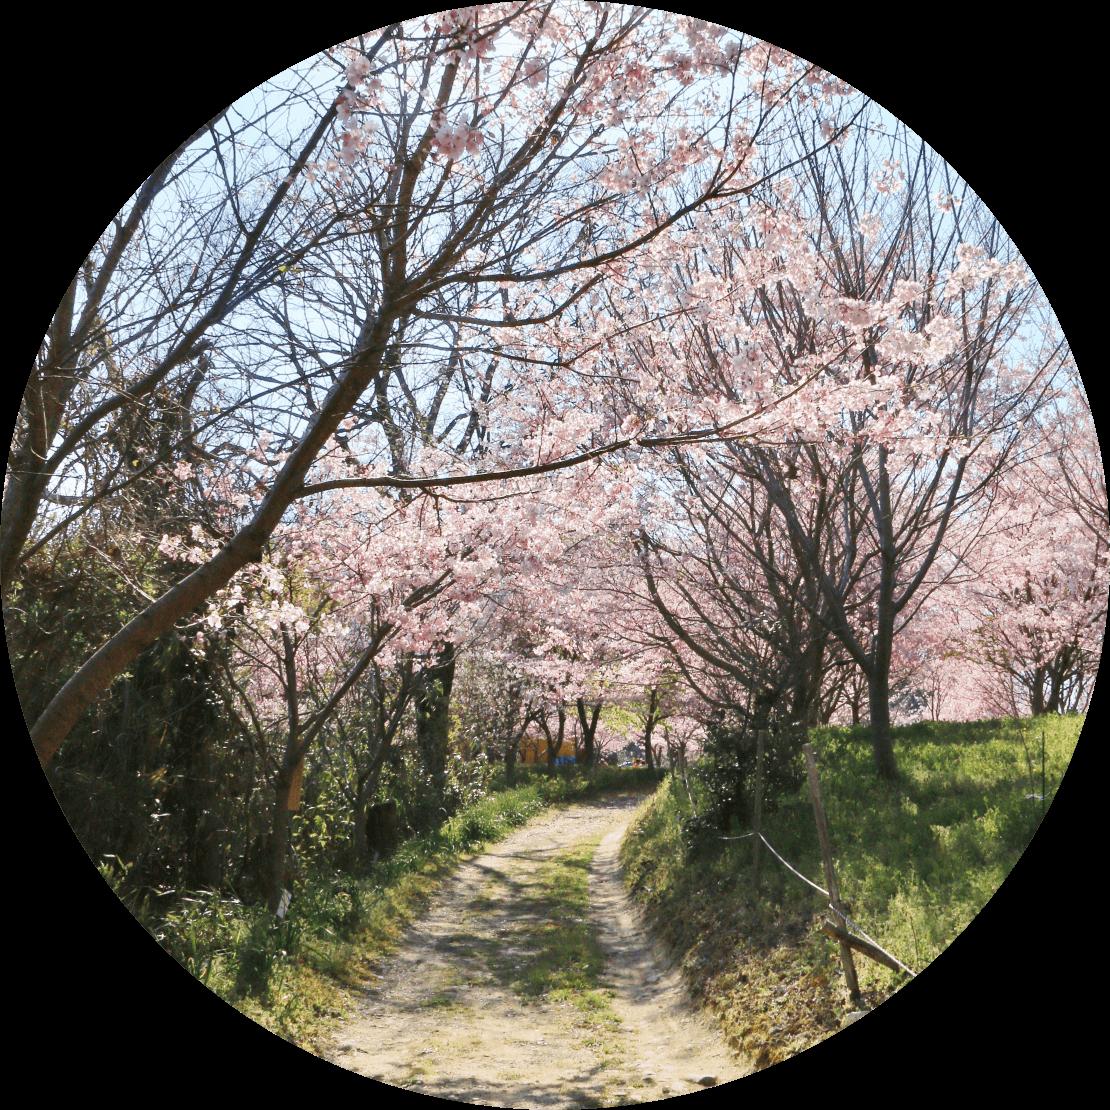 巻9-1748(反歌) わが行きは七日は過ぎじ龍田彦ゆめこの花を風にな散らし